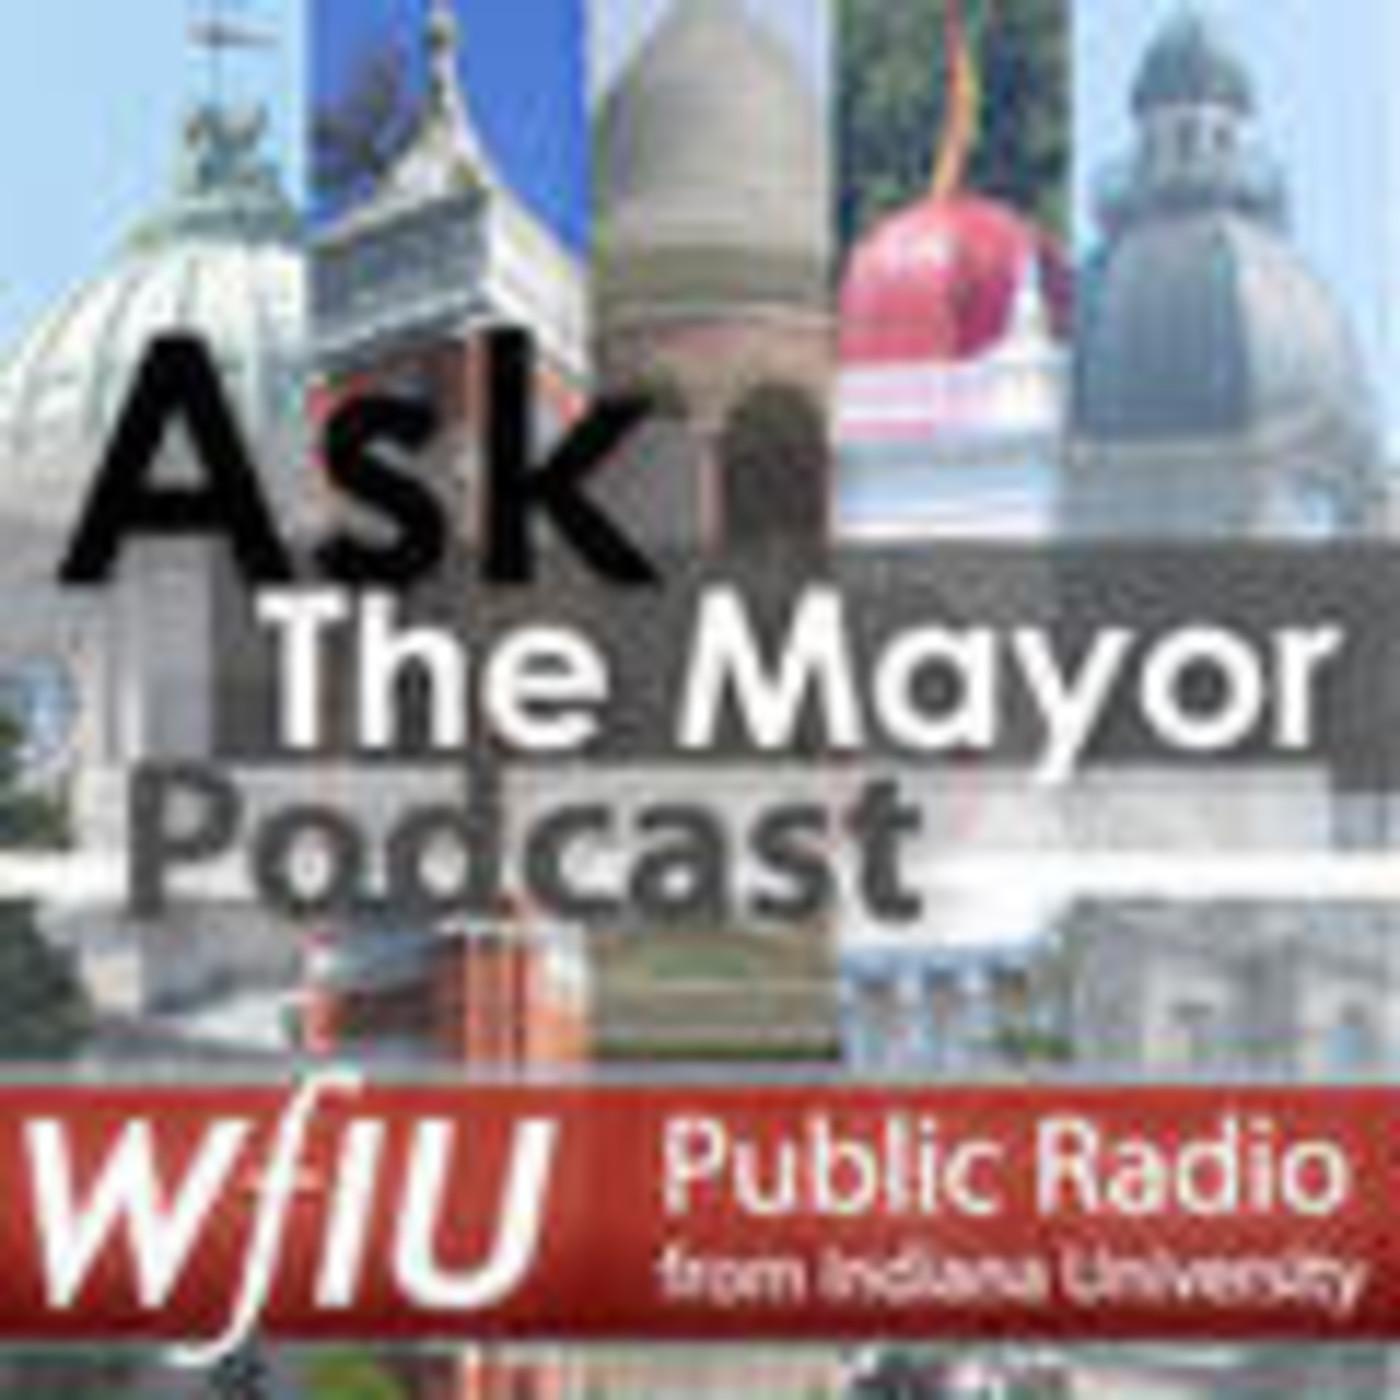 WFIU Public Media (wfiu.org)